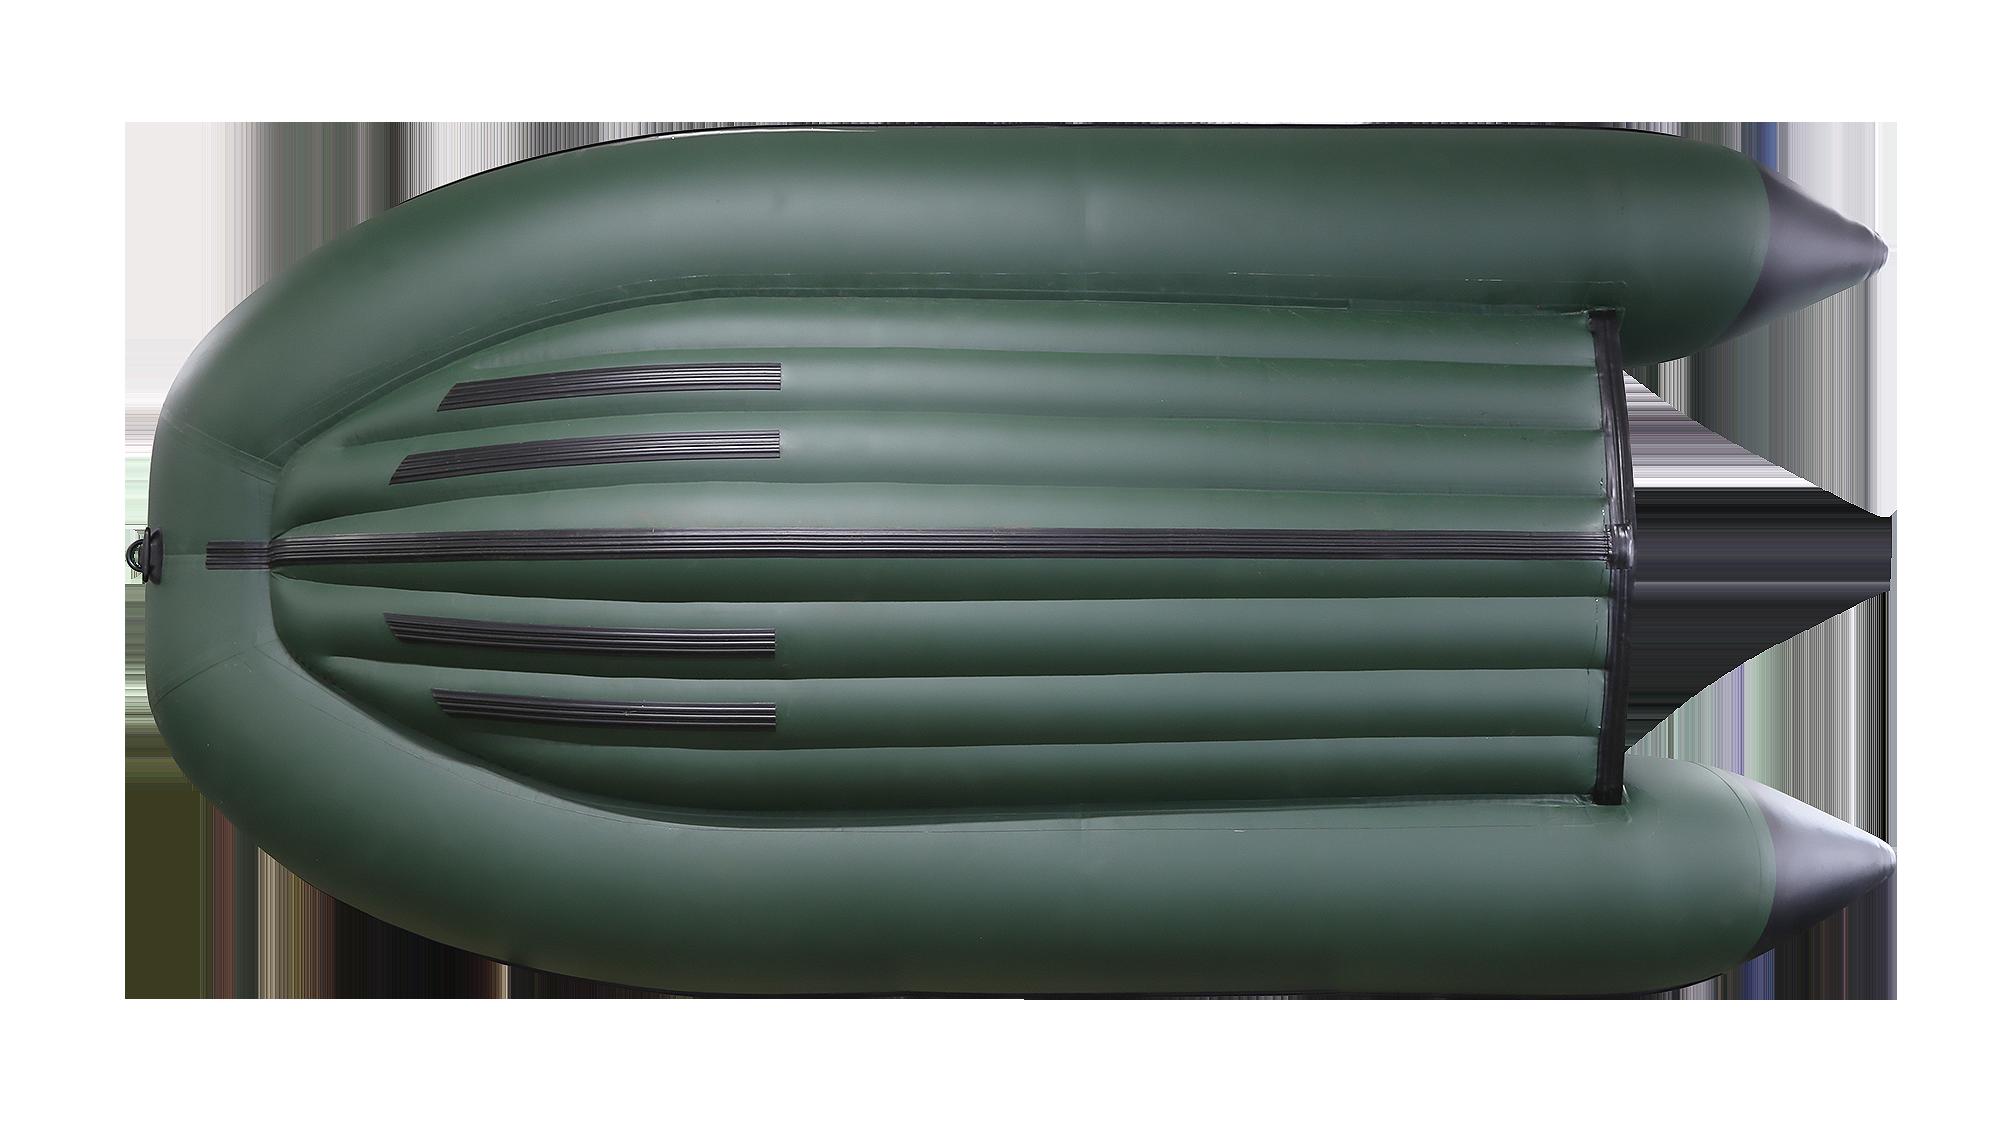 Надувная ПВХ лодка РМ 450 Air, моторная-гребная, килевая